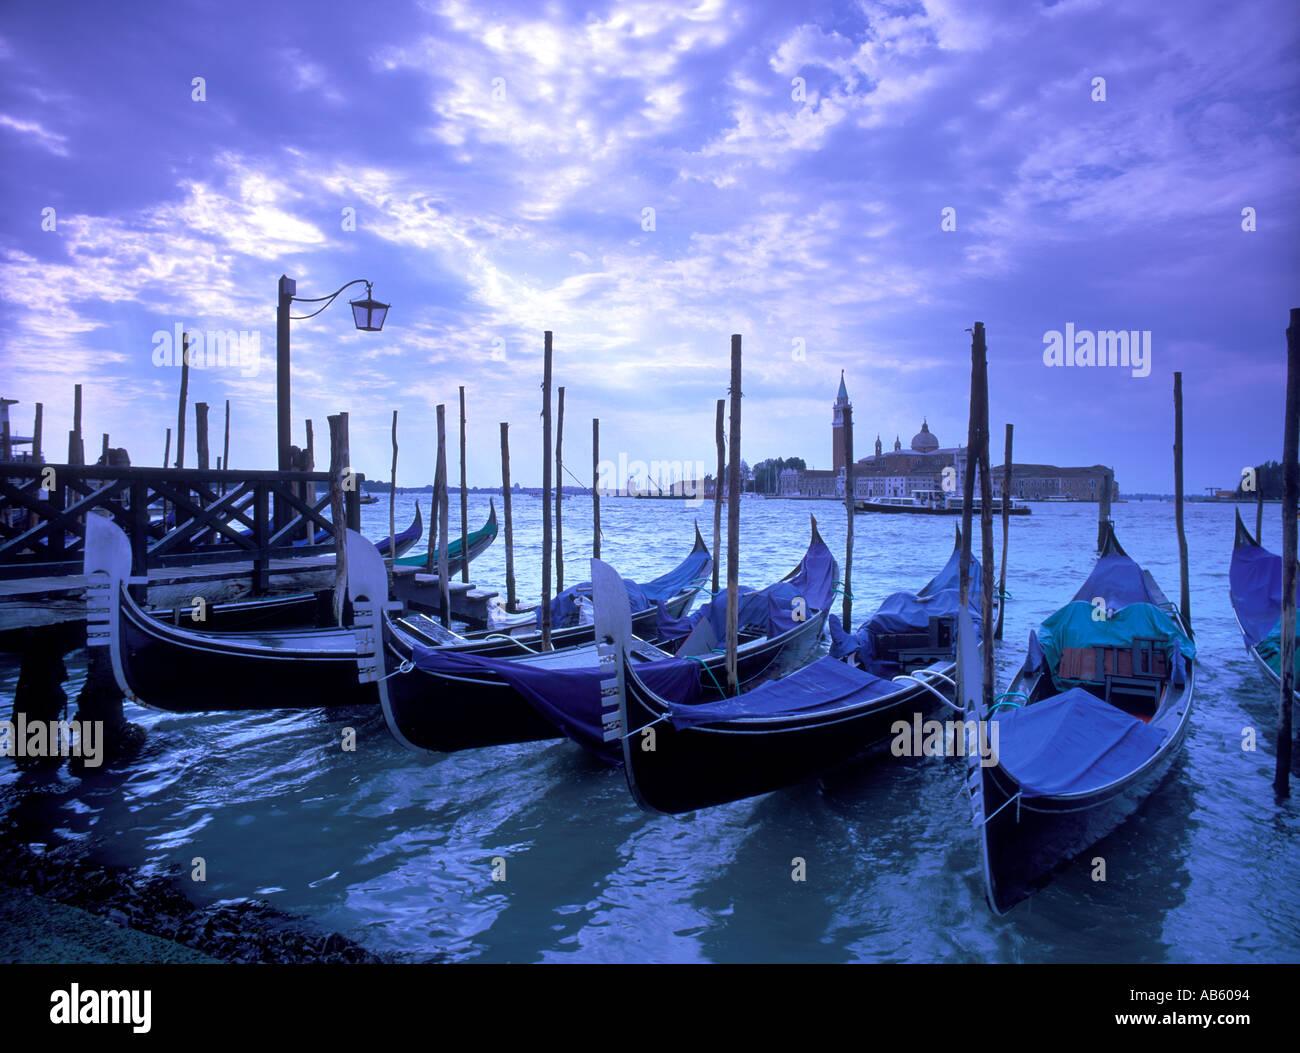 Italia, Véneto, Venecia, Iglesia San Giorgio Maggiore a través de Basino di San Marco, Gondolas Foto de stock